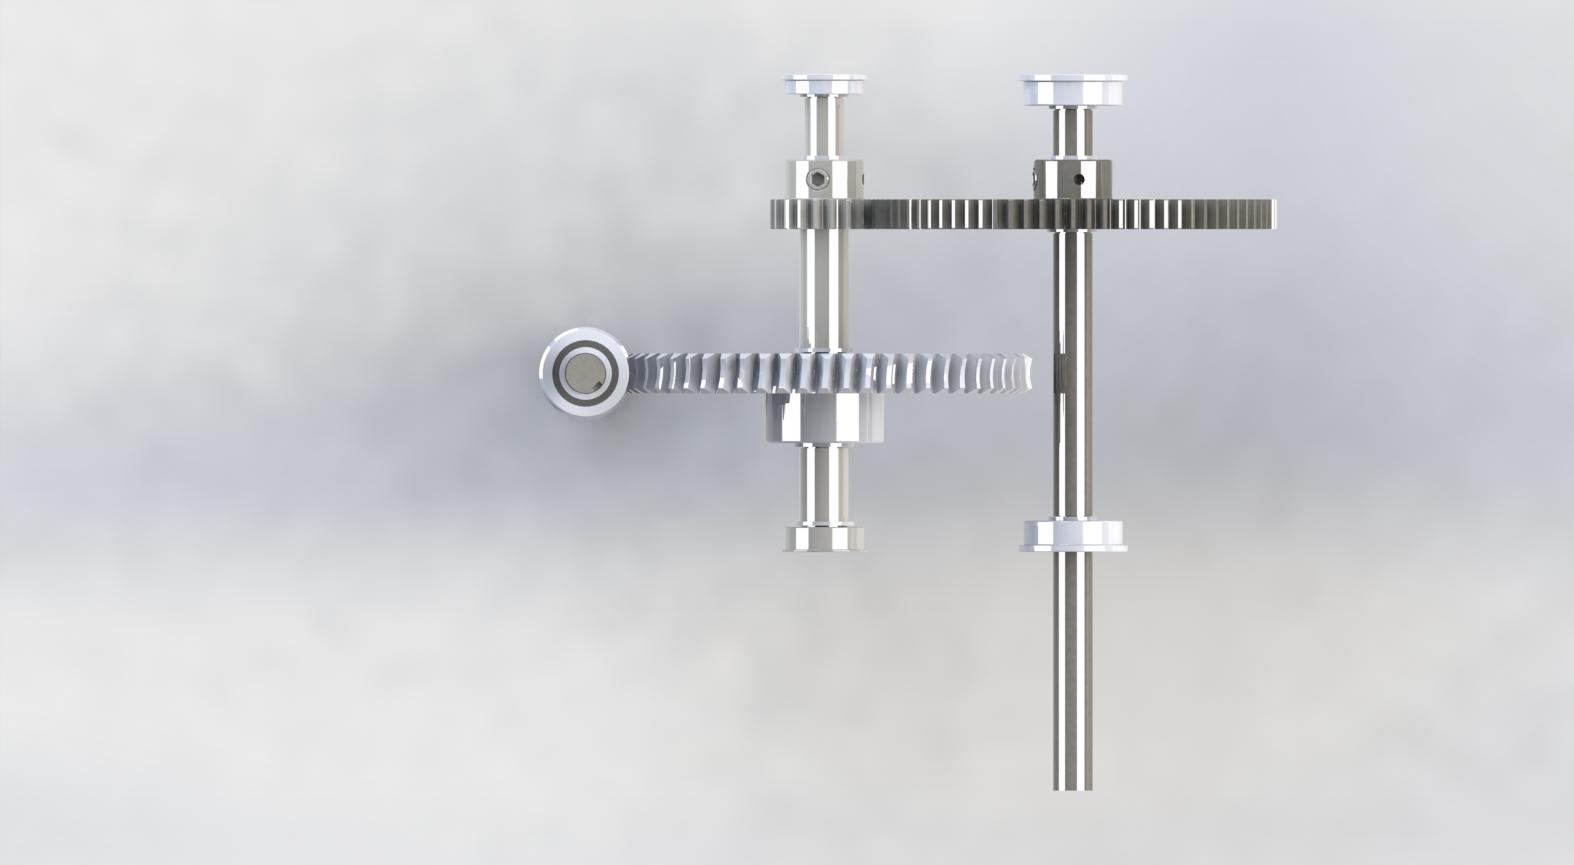 Top View of Drivetrain Components